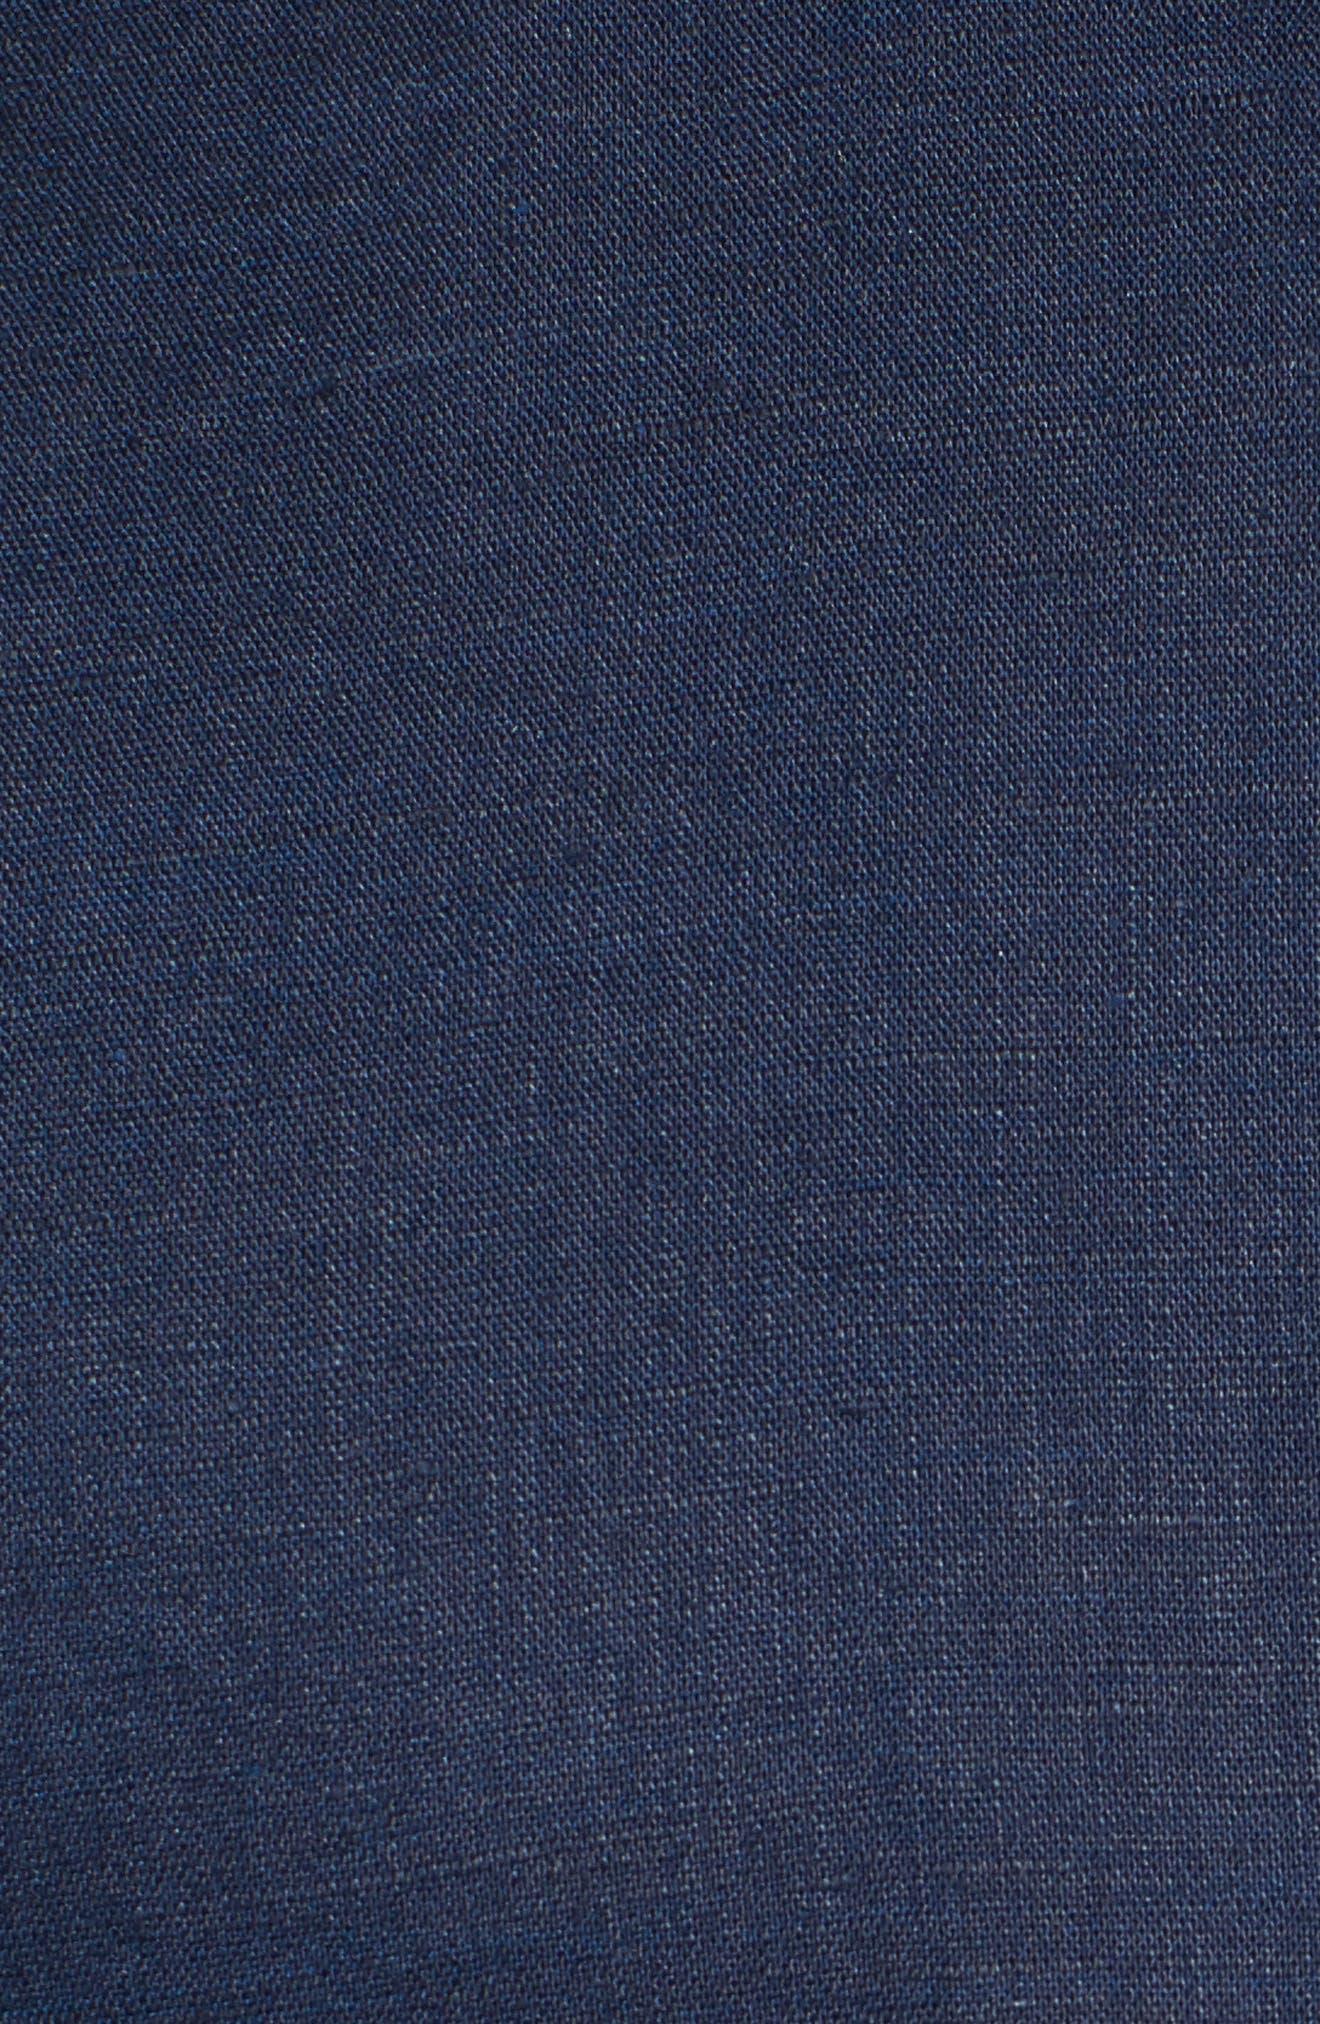 Monaco Tides Standard Fit Linen Blend Camp Shirt,                             Alternate thumbnail 29, color,